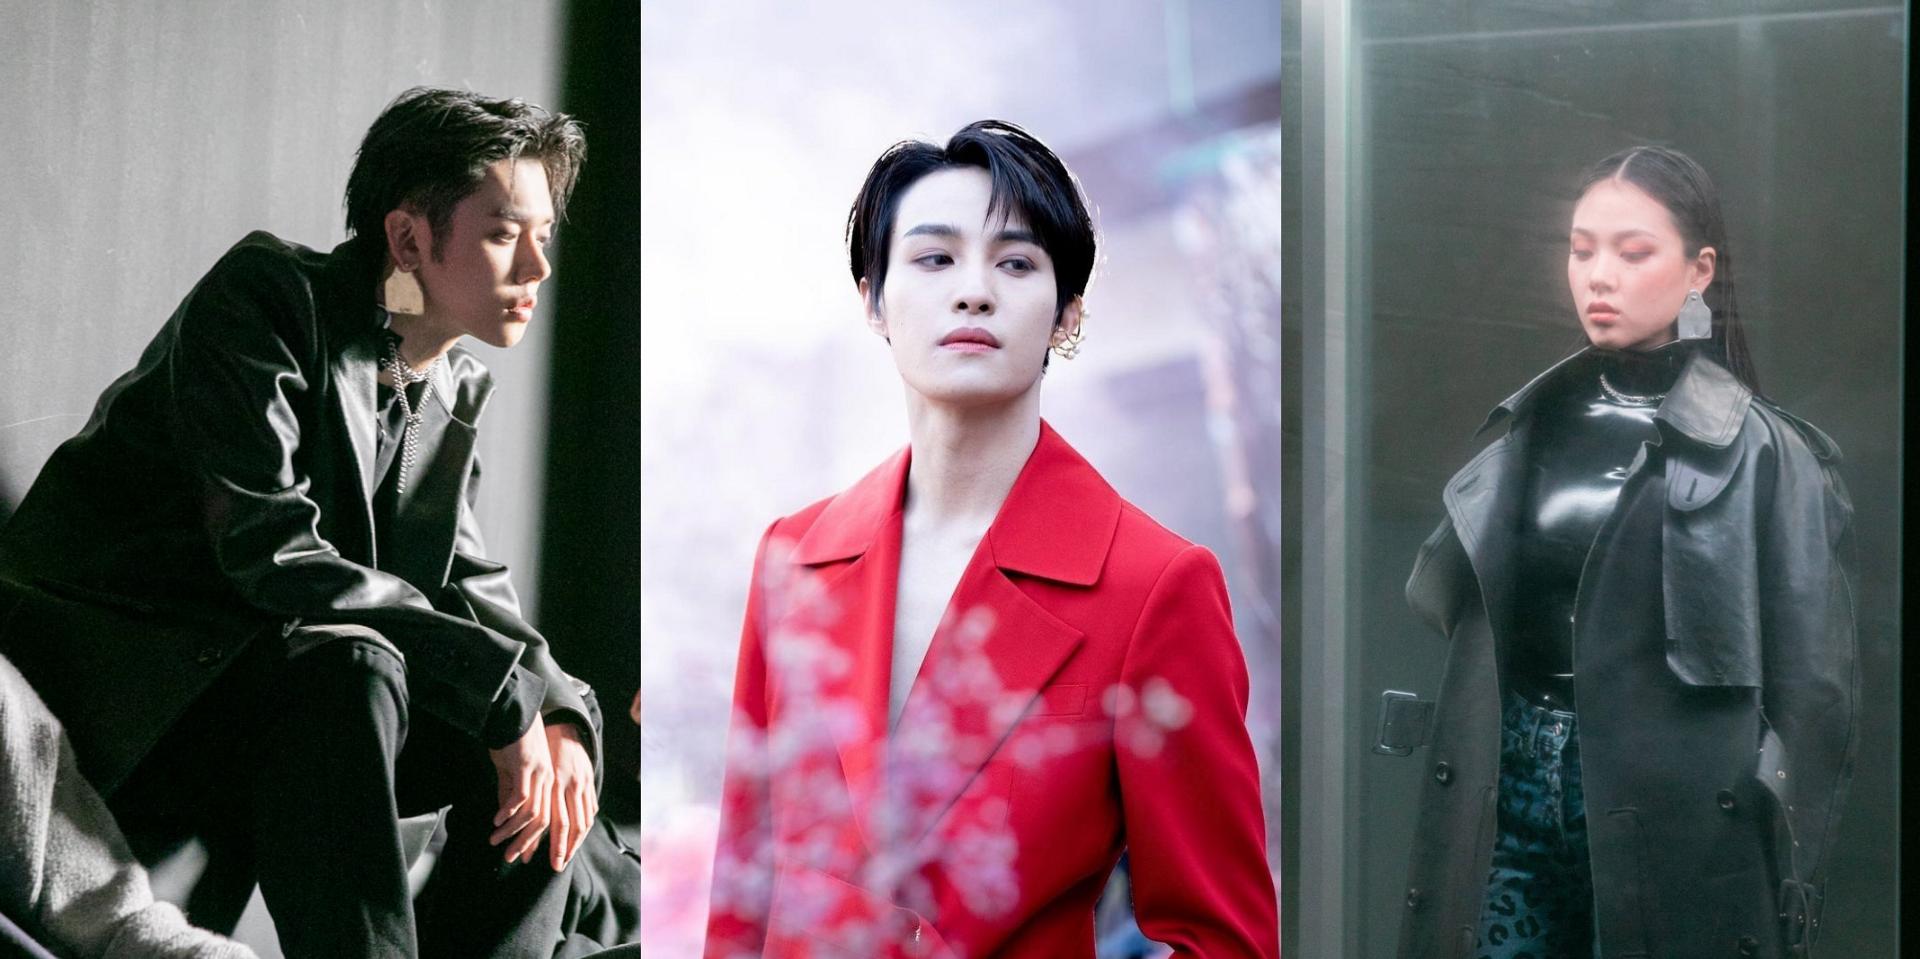 K-pop stars to make NYFW runway debut – TXT's Yeonjun, WayV's YangYang, and BIBI